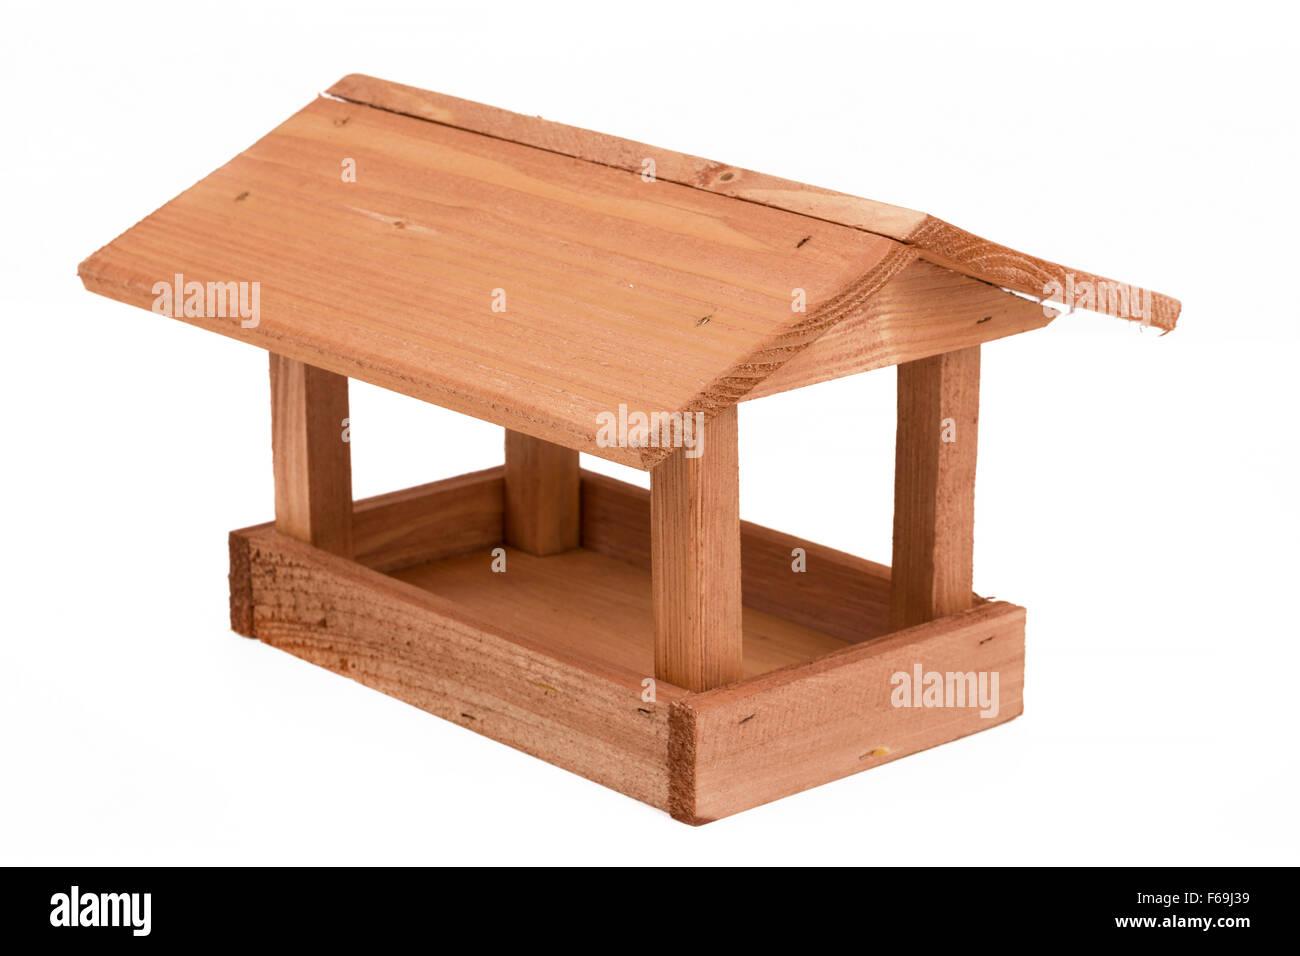 wooden house photography stock photo bird image of feeder garden